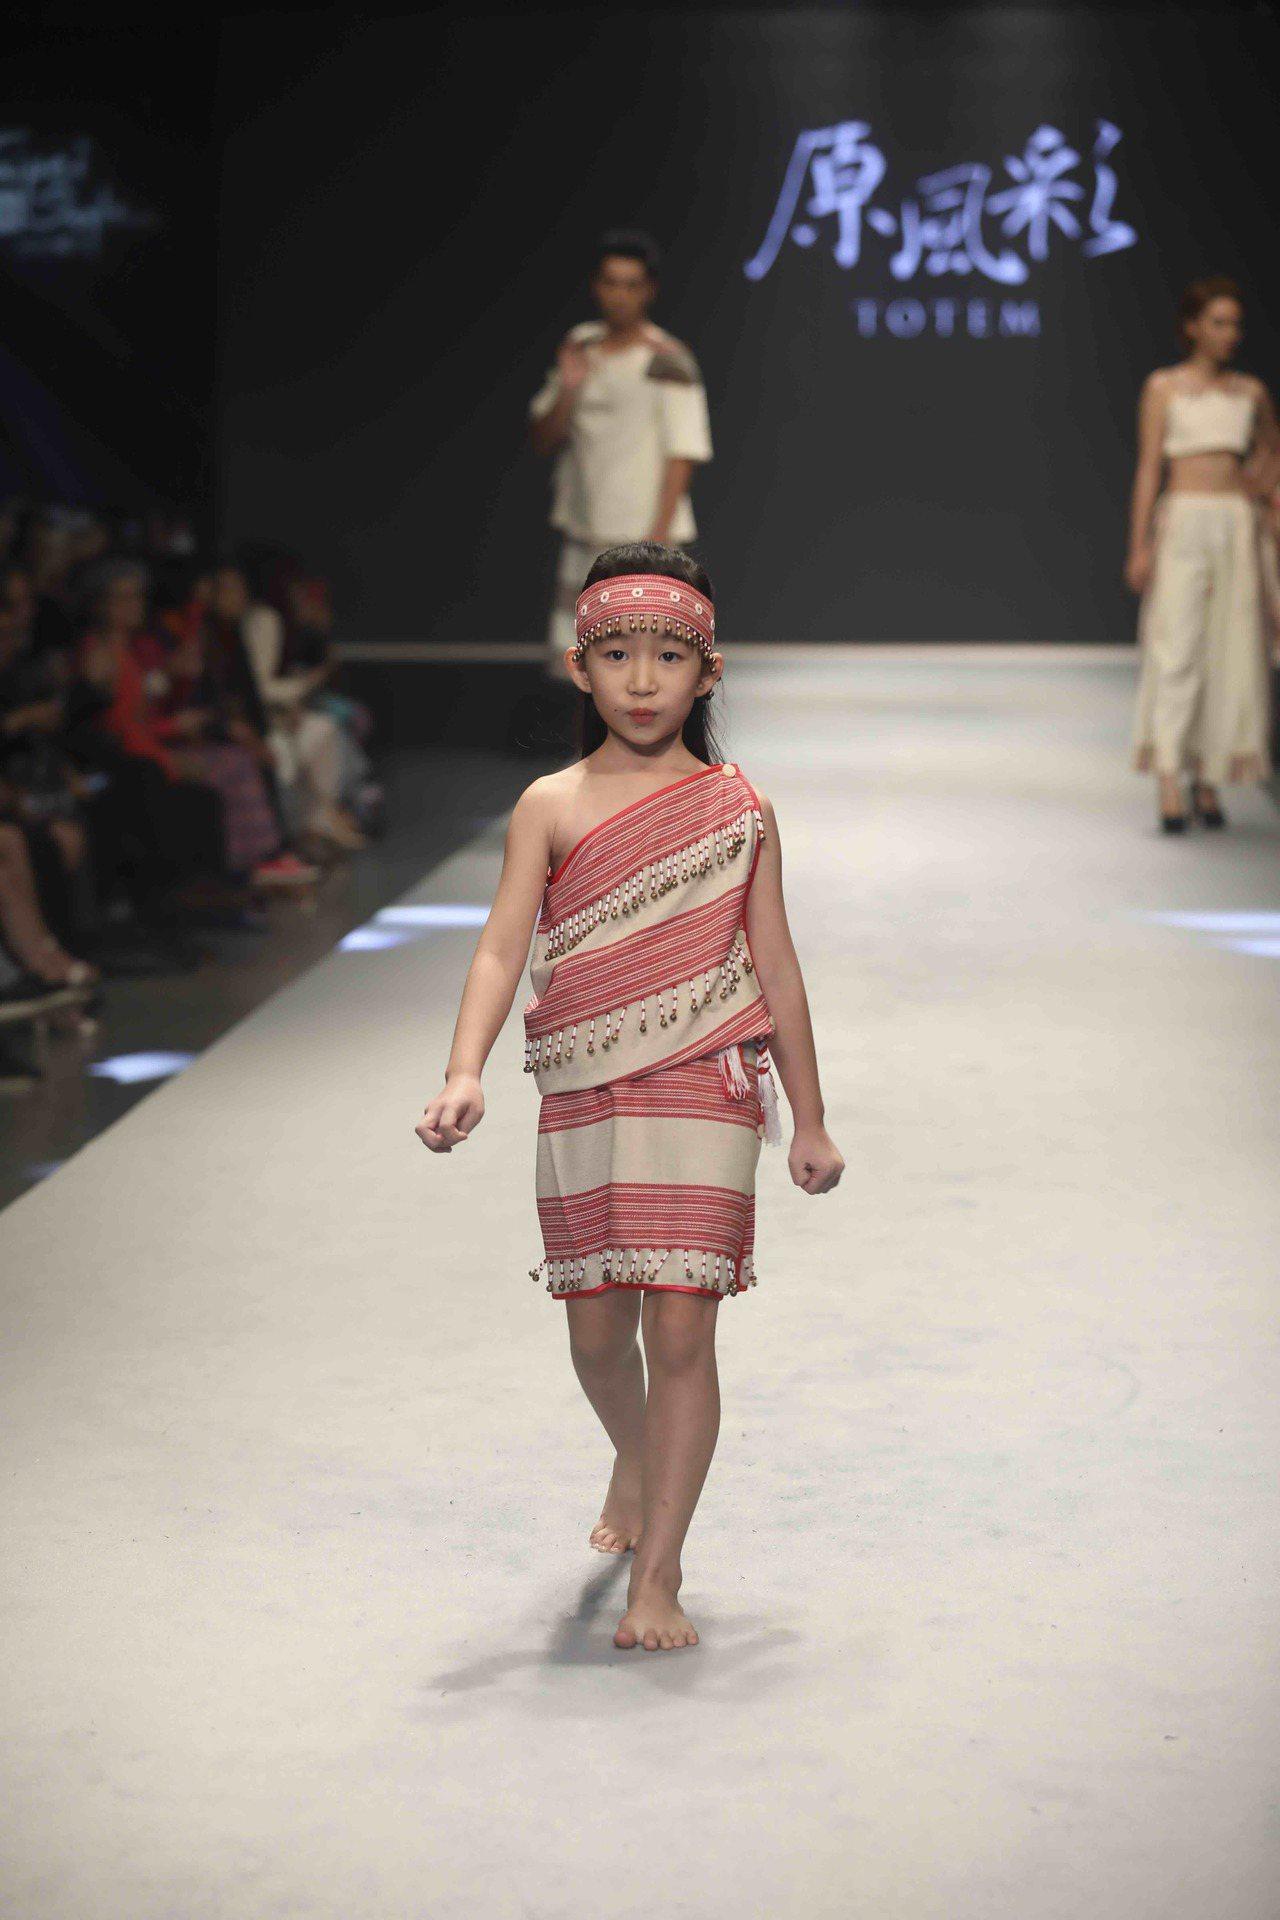 泰雅族常見的紅白相間布織服飾。圖/原民會提供